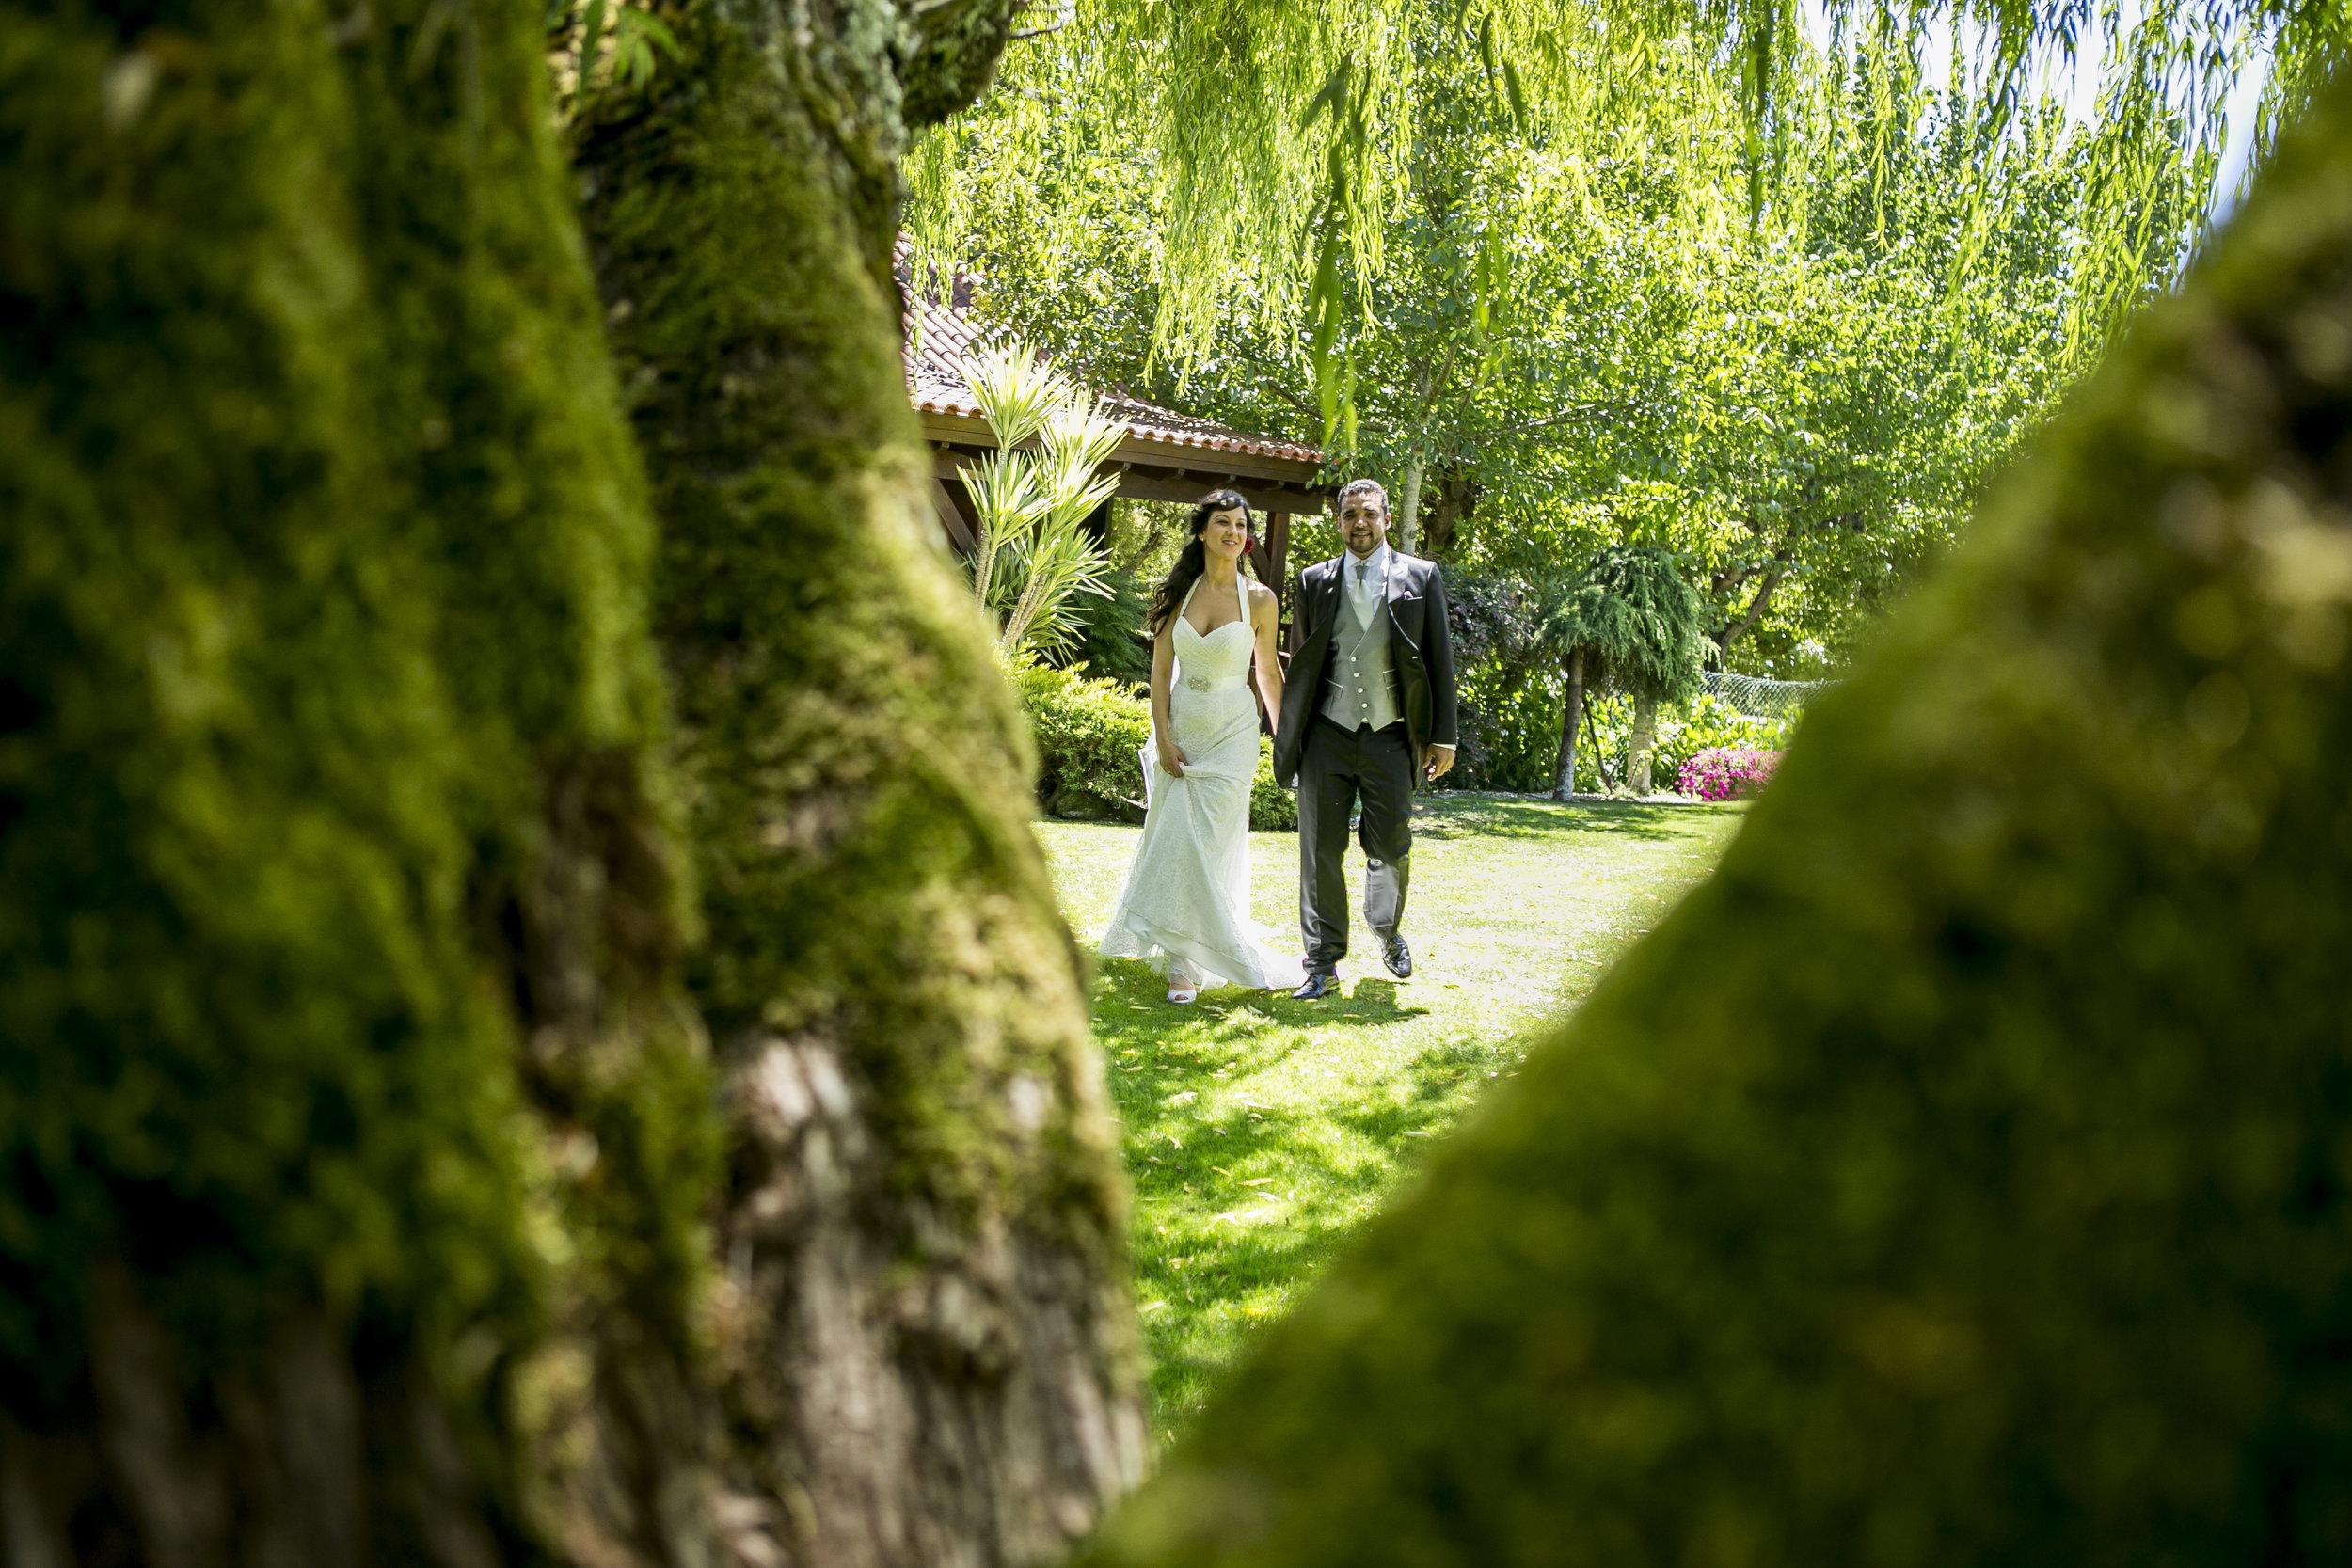 ÁNGEL Y VANESA - 100% recomendable, tanto yago como su equipo hicieron un trabajo de 10, no pudimos haber elegido mejor fotógrafo para nuestra boda